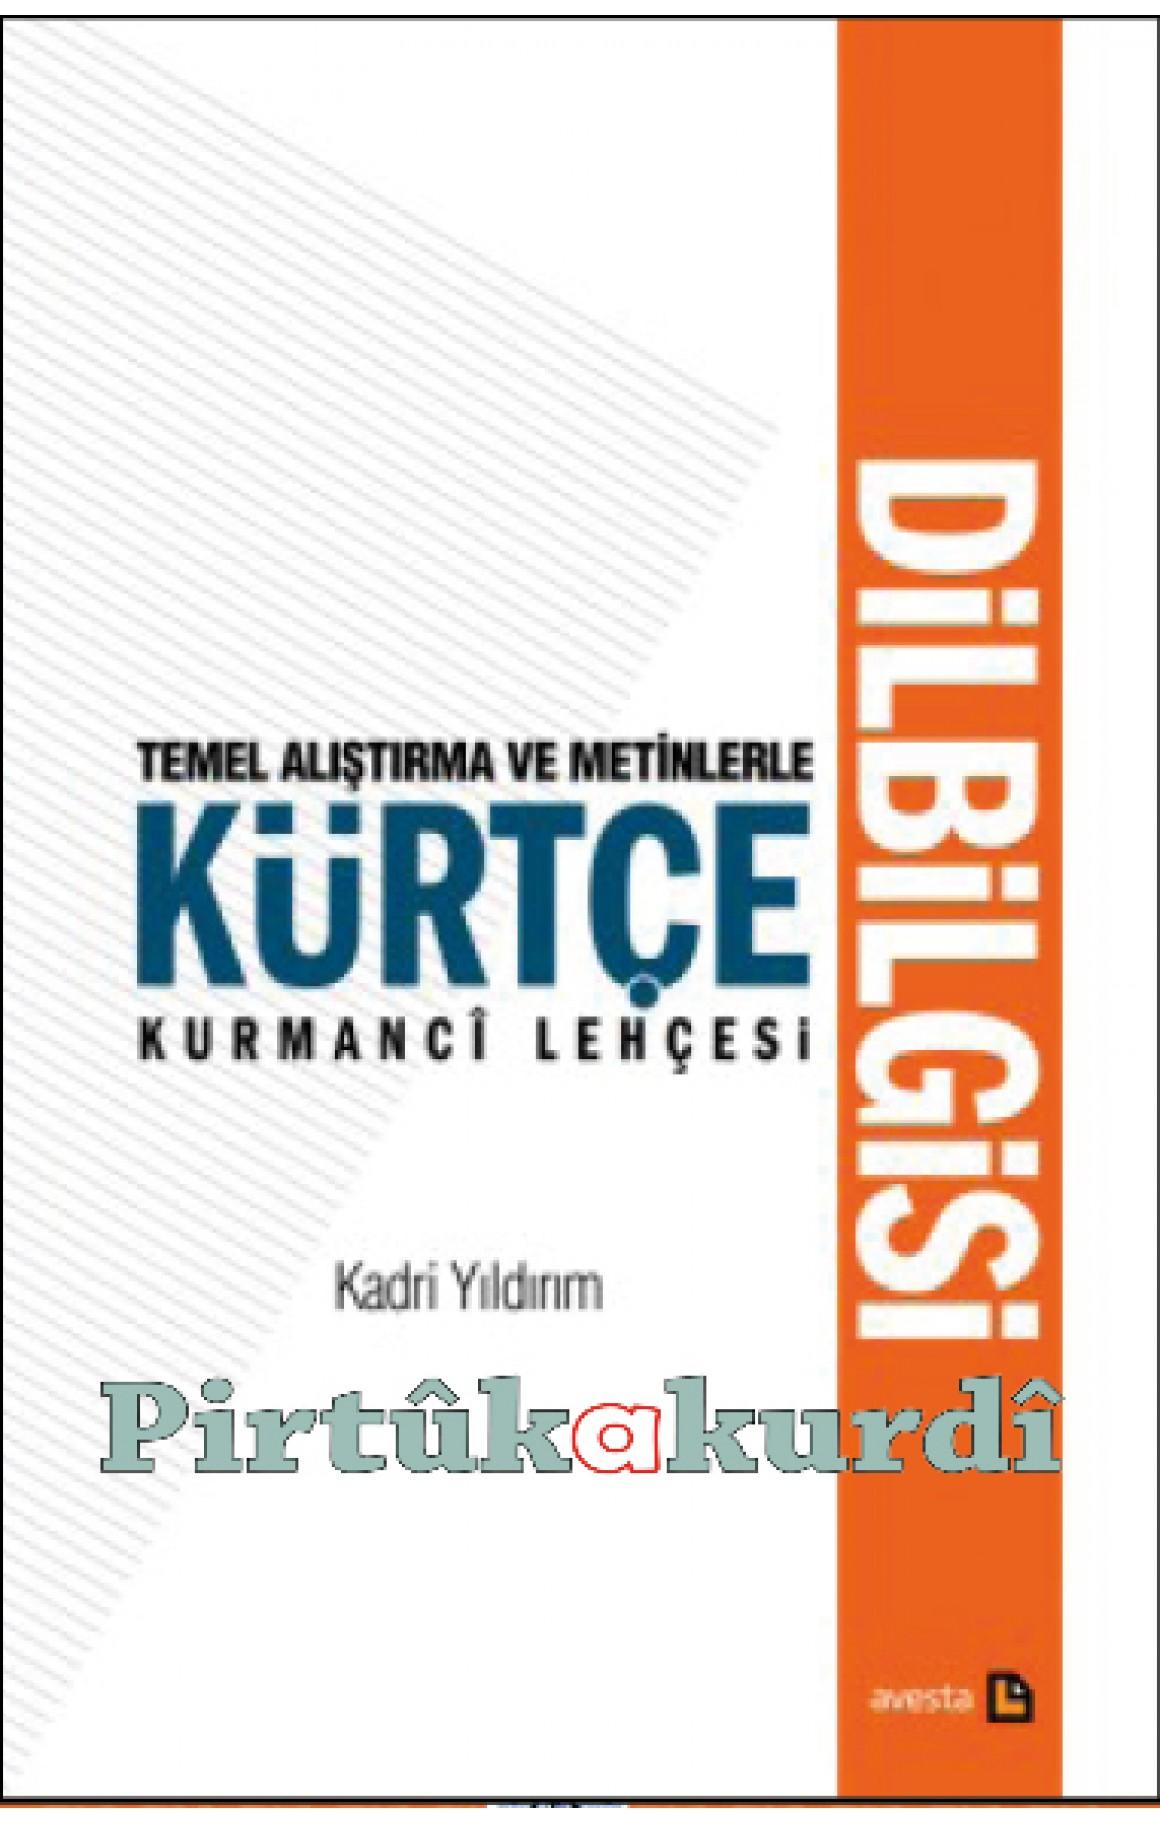 Temel Alıştırma ve Metinlerle Kürtçe Dilbilgisi